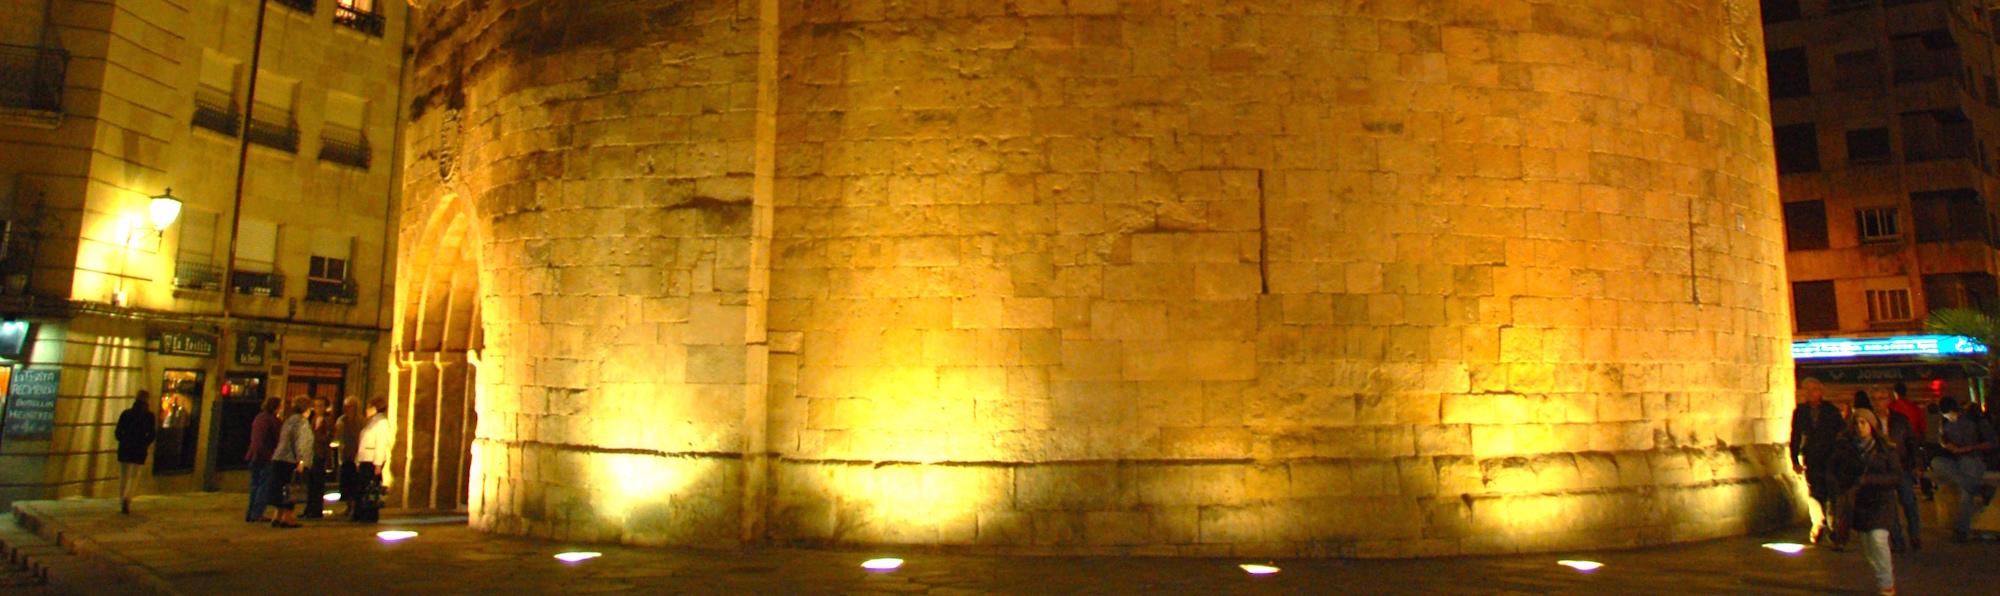 Parroquia San Marcos, Salamanca